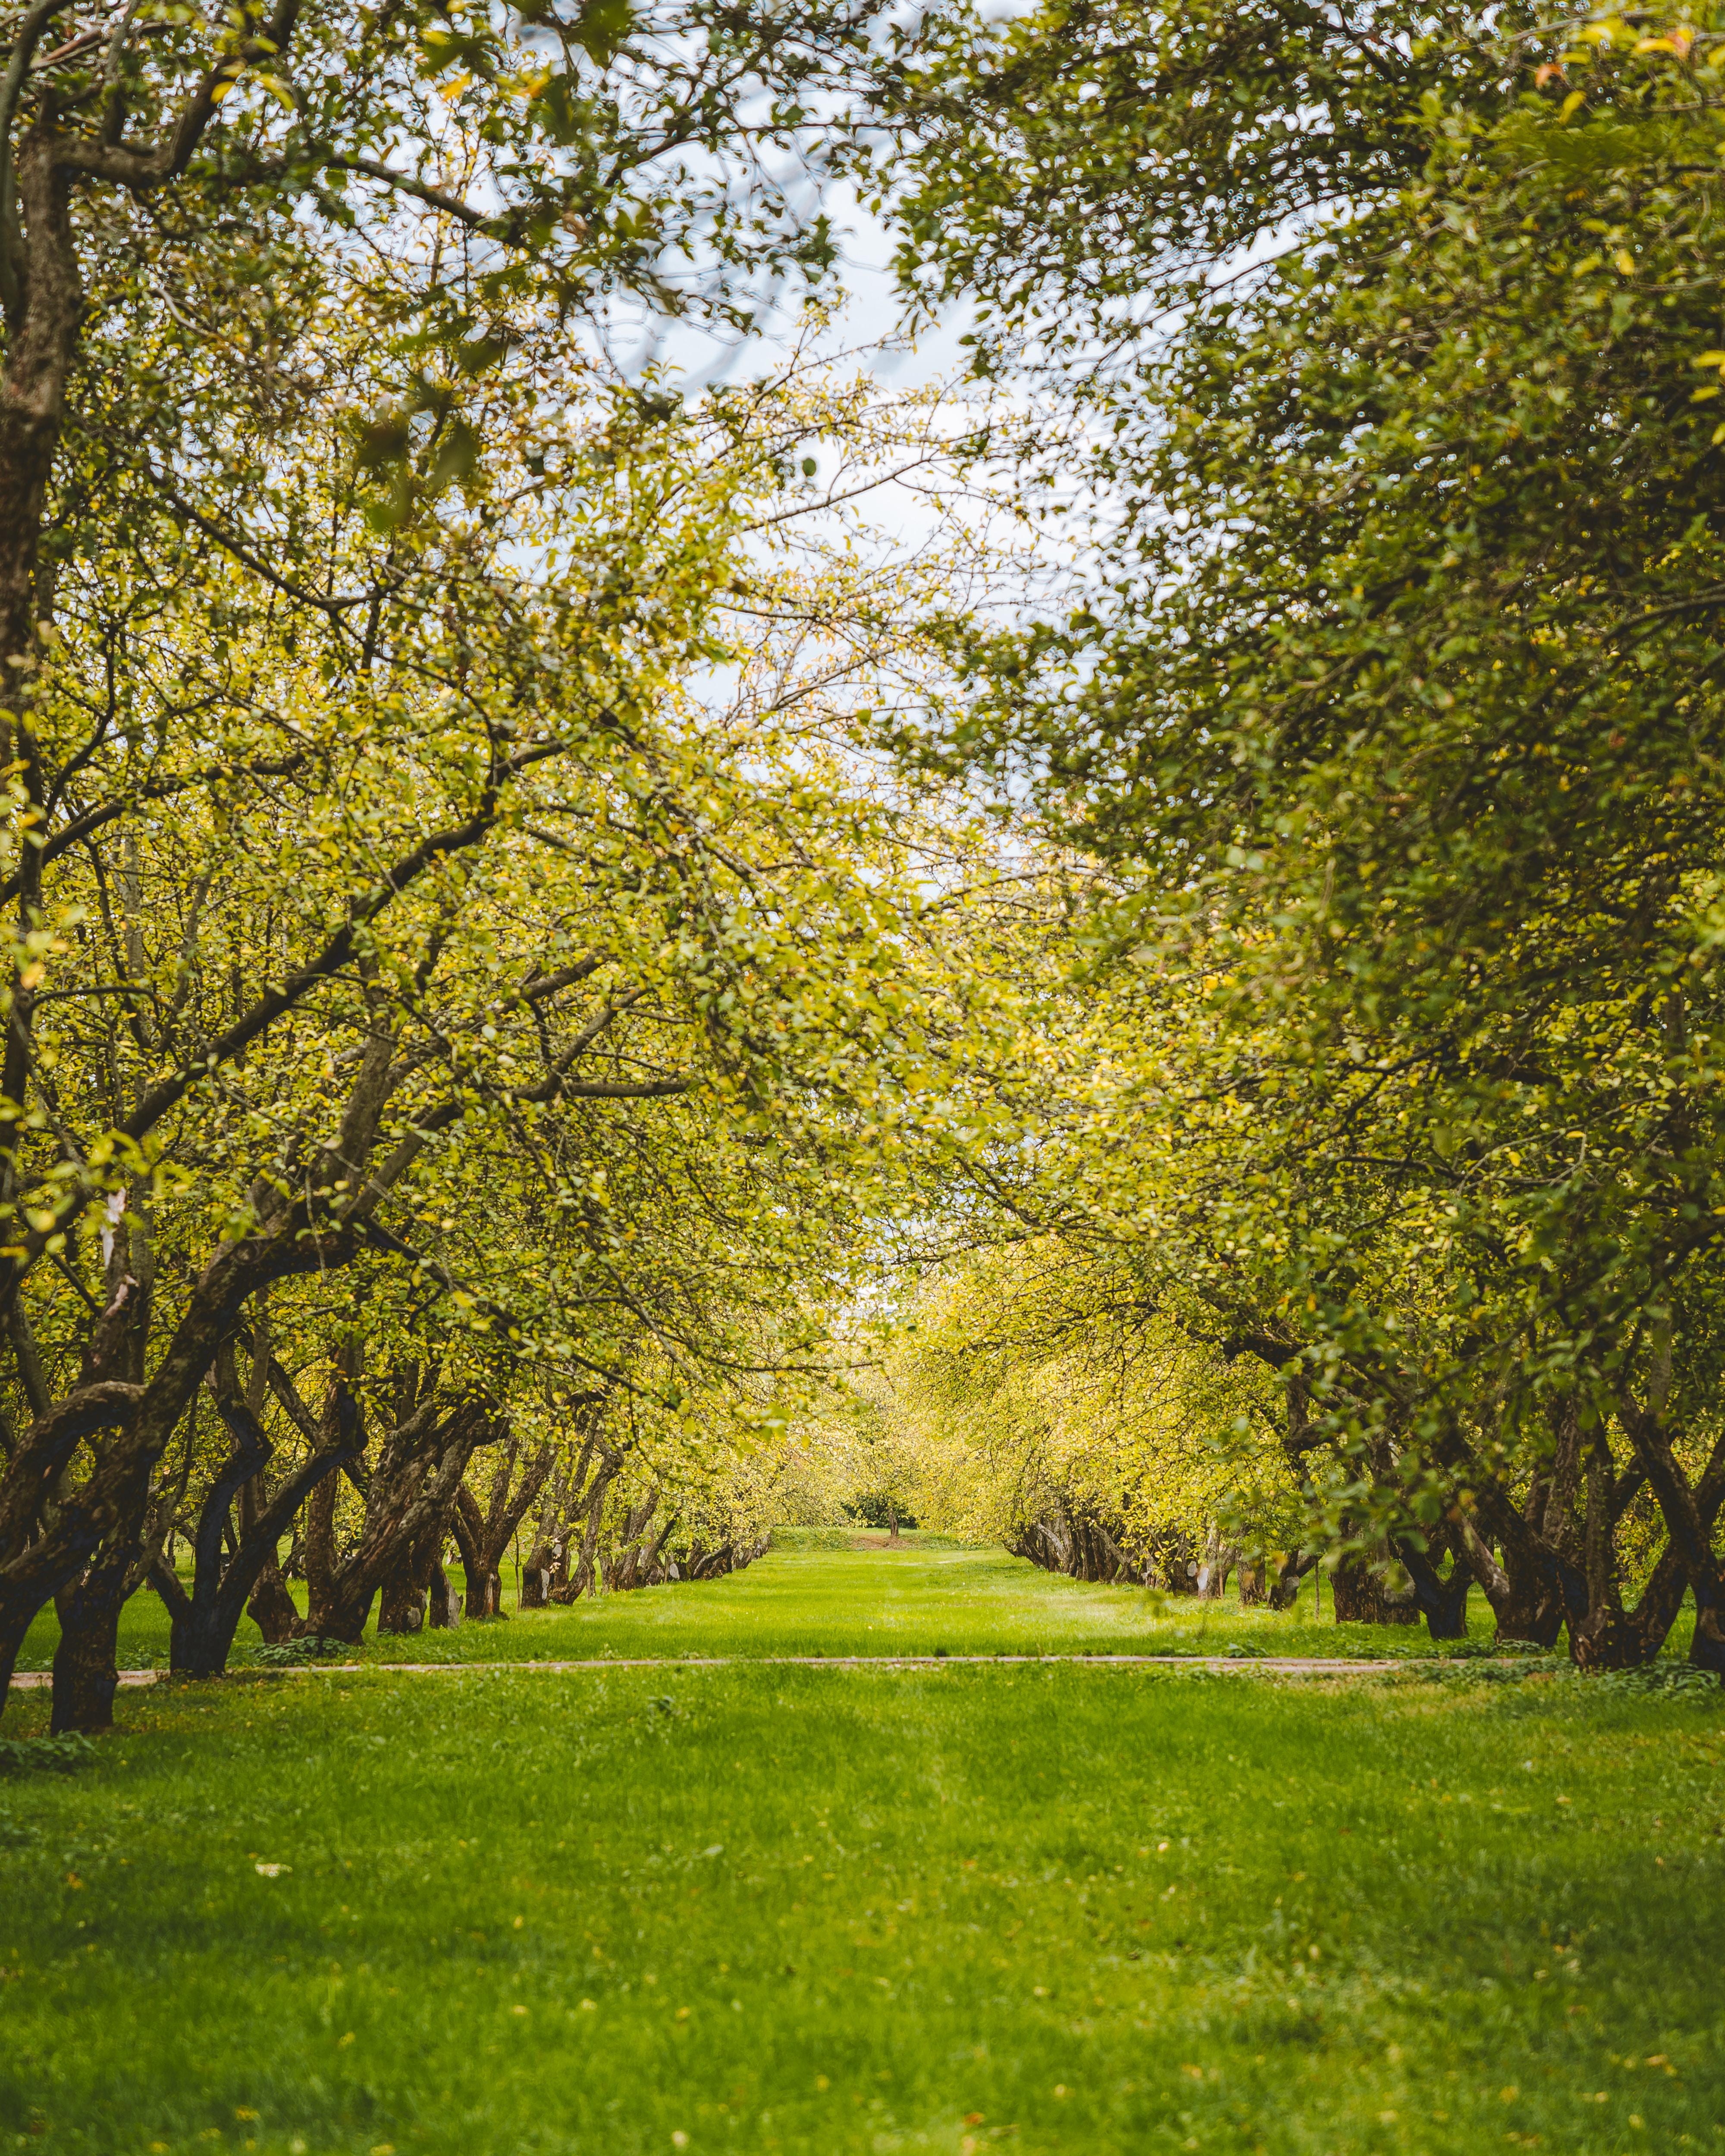 86207 скачать обои Природа, Деревья, Зелень, Сад, Газон - заставки и картинки бесплатно